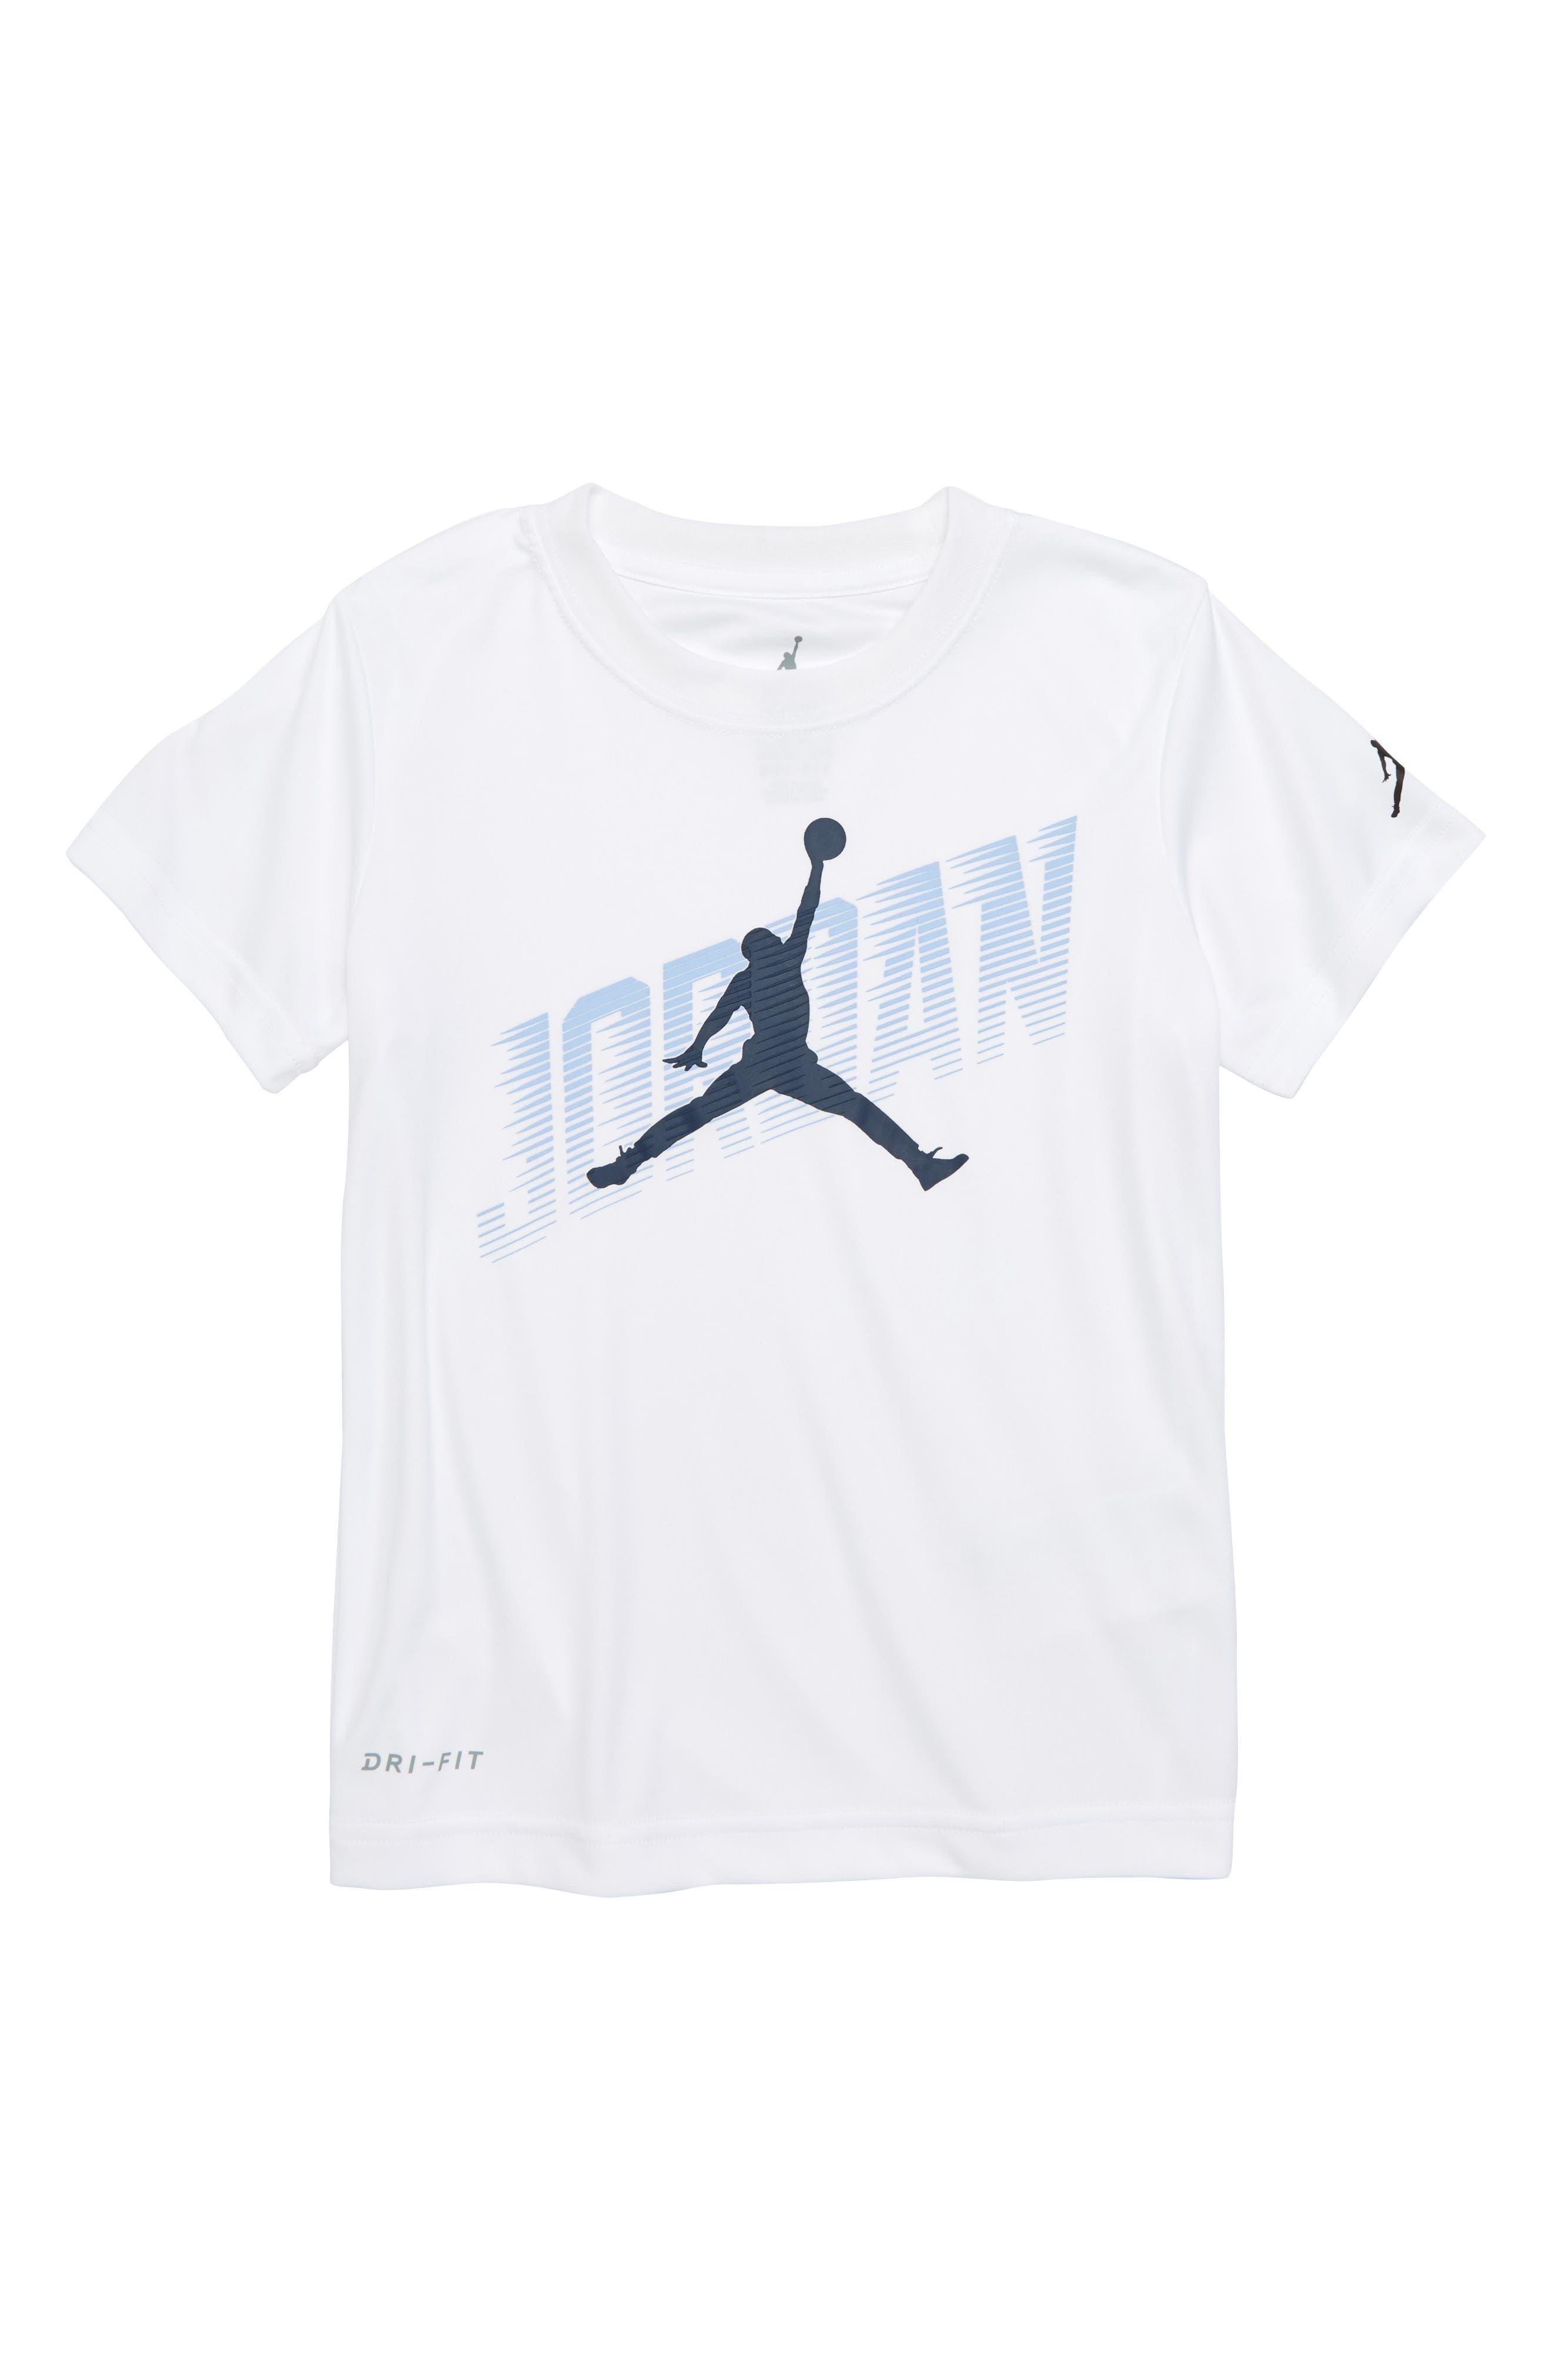 Quick Flight Dri-FIT T-Shirt,                         Main,                         color, 100